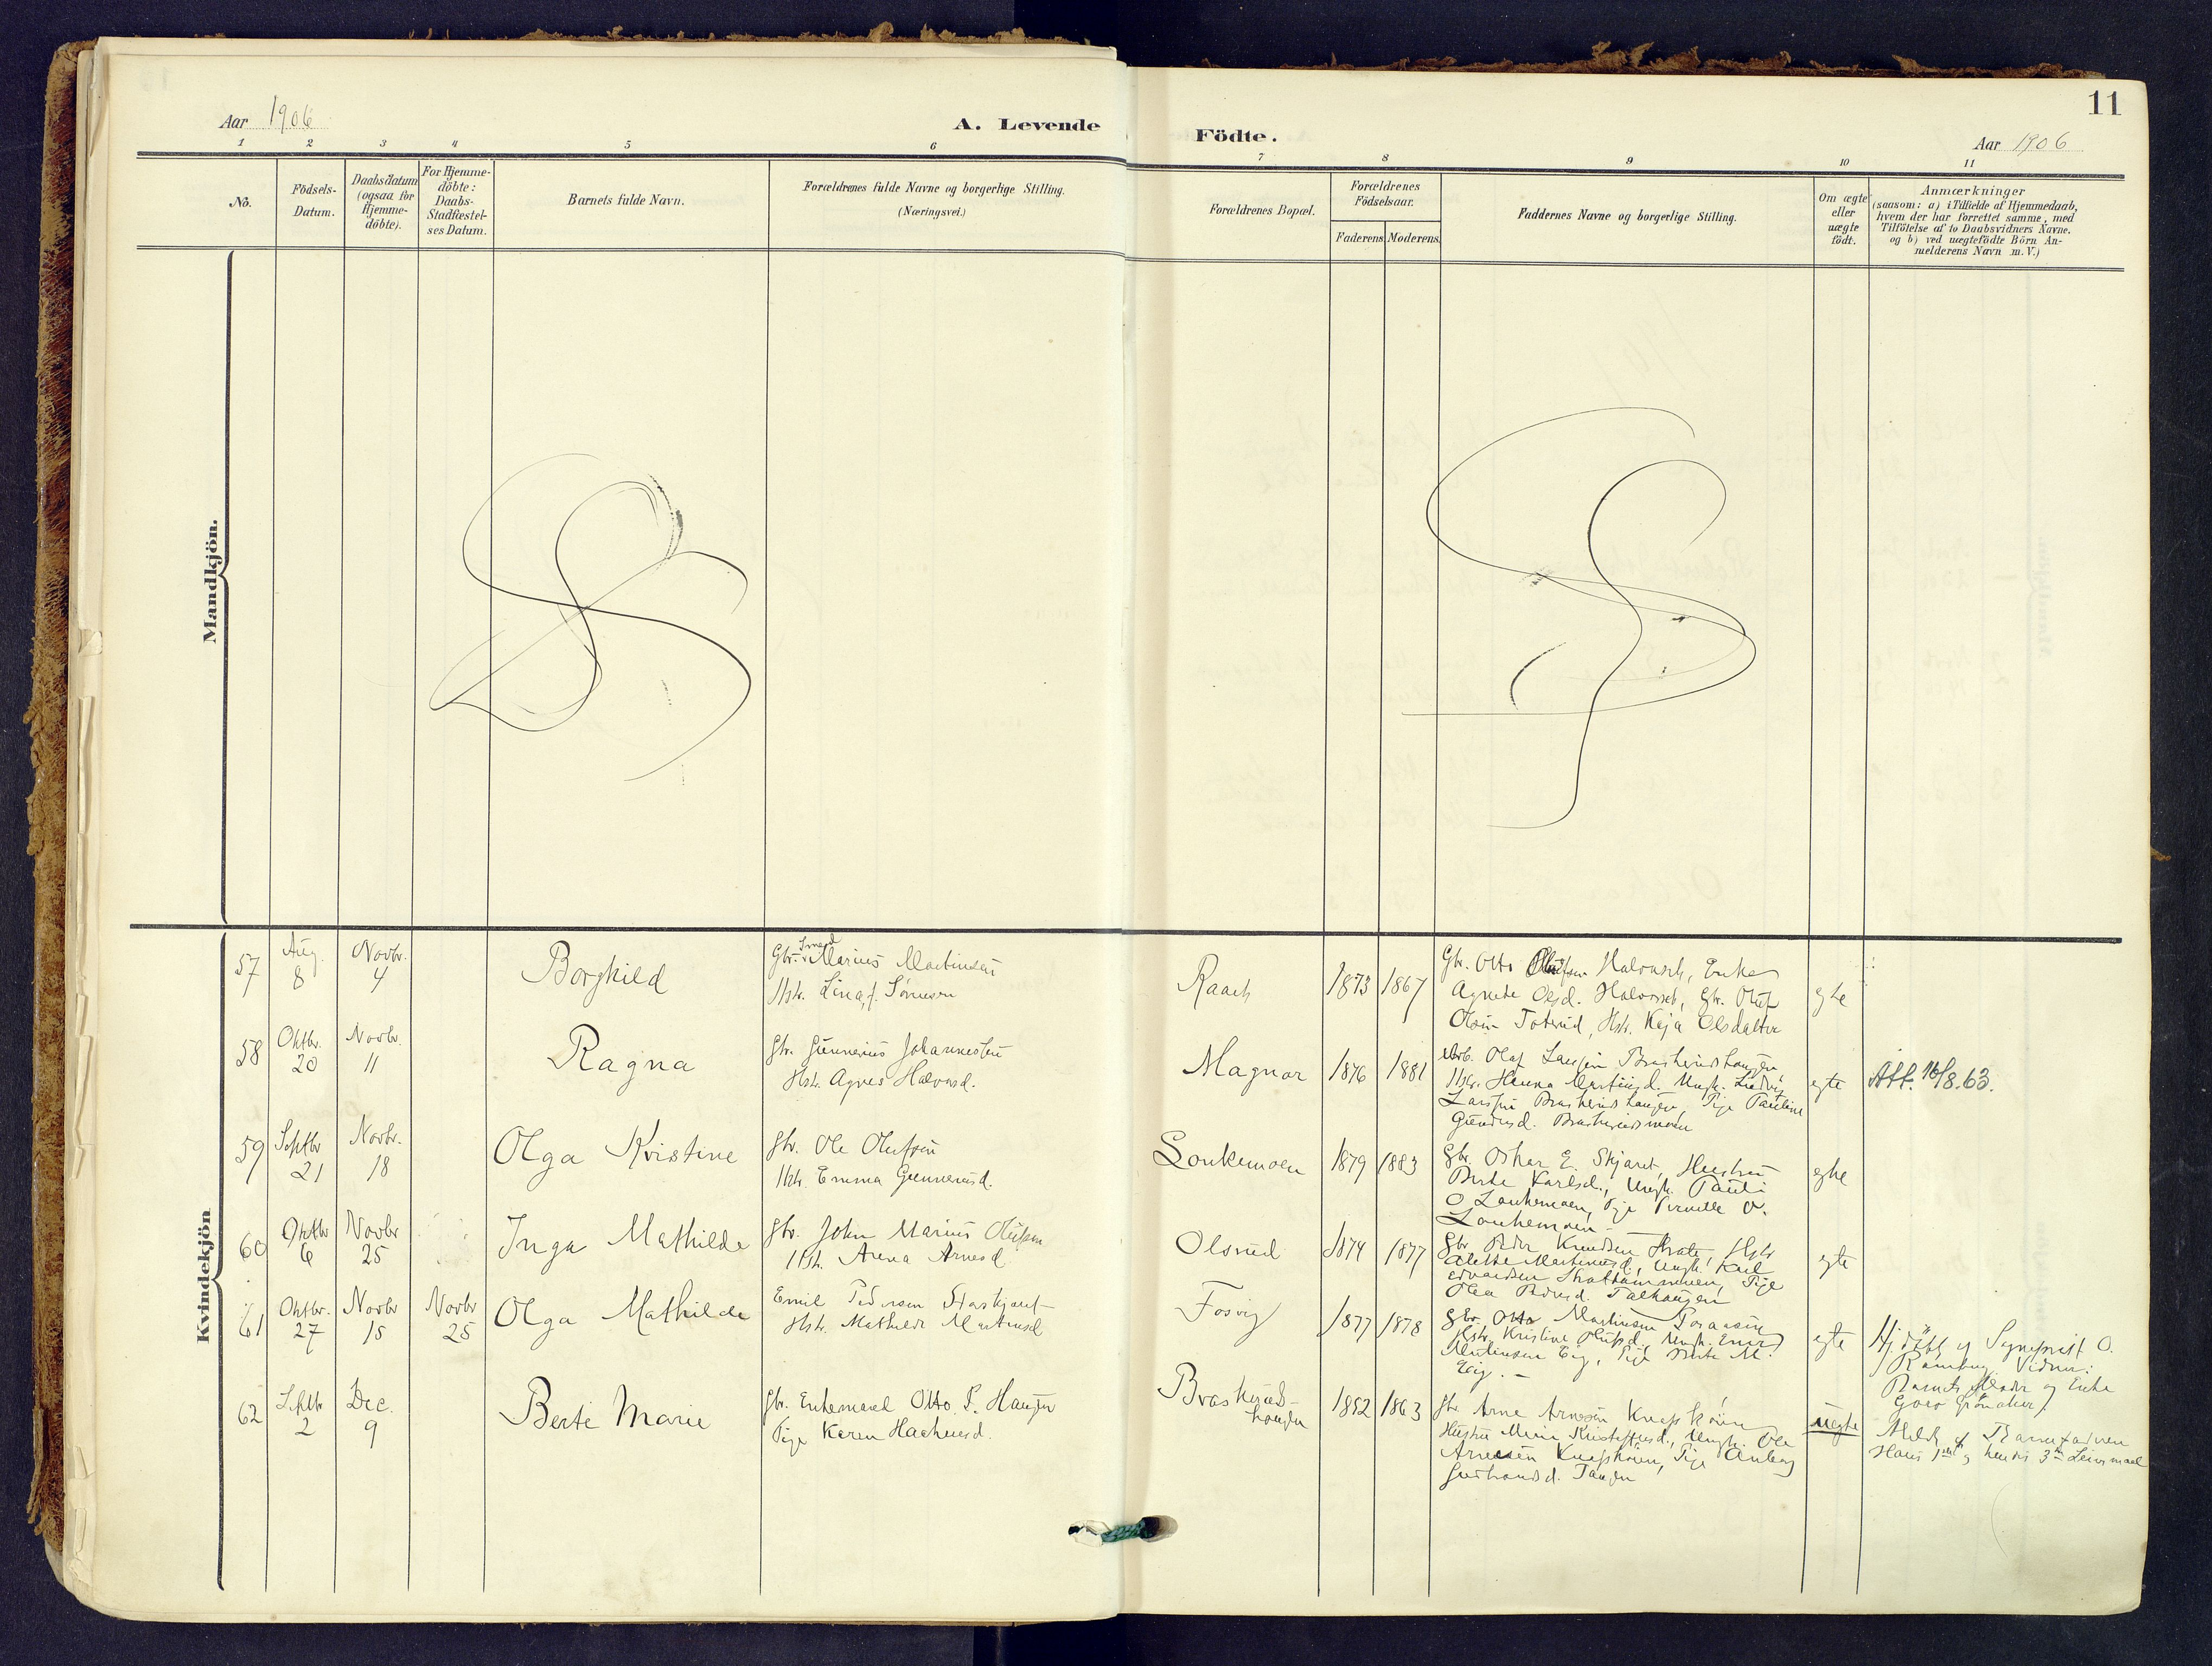 SAH, Våler prestekontor, Hedmark, Parish register (official) no. 8, 1905-1921, p. 11